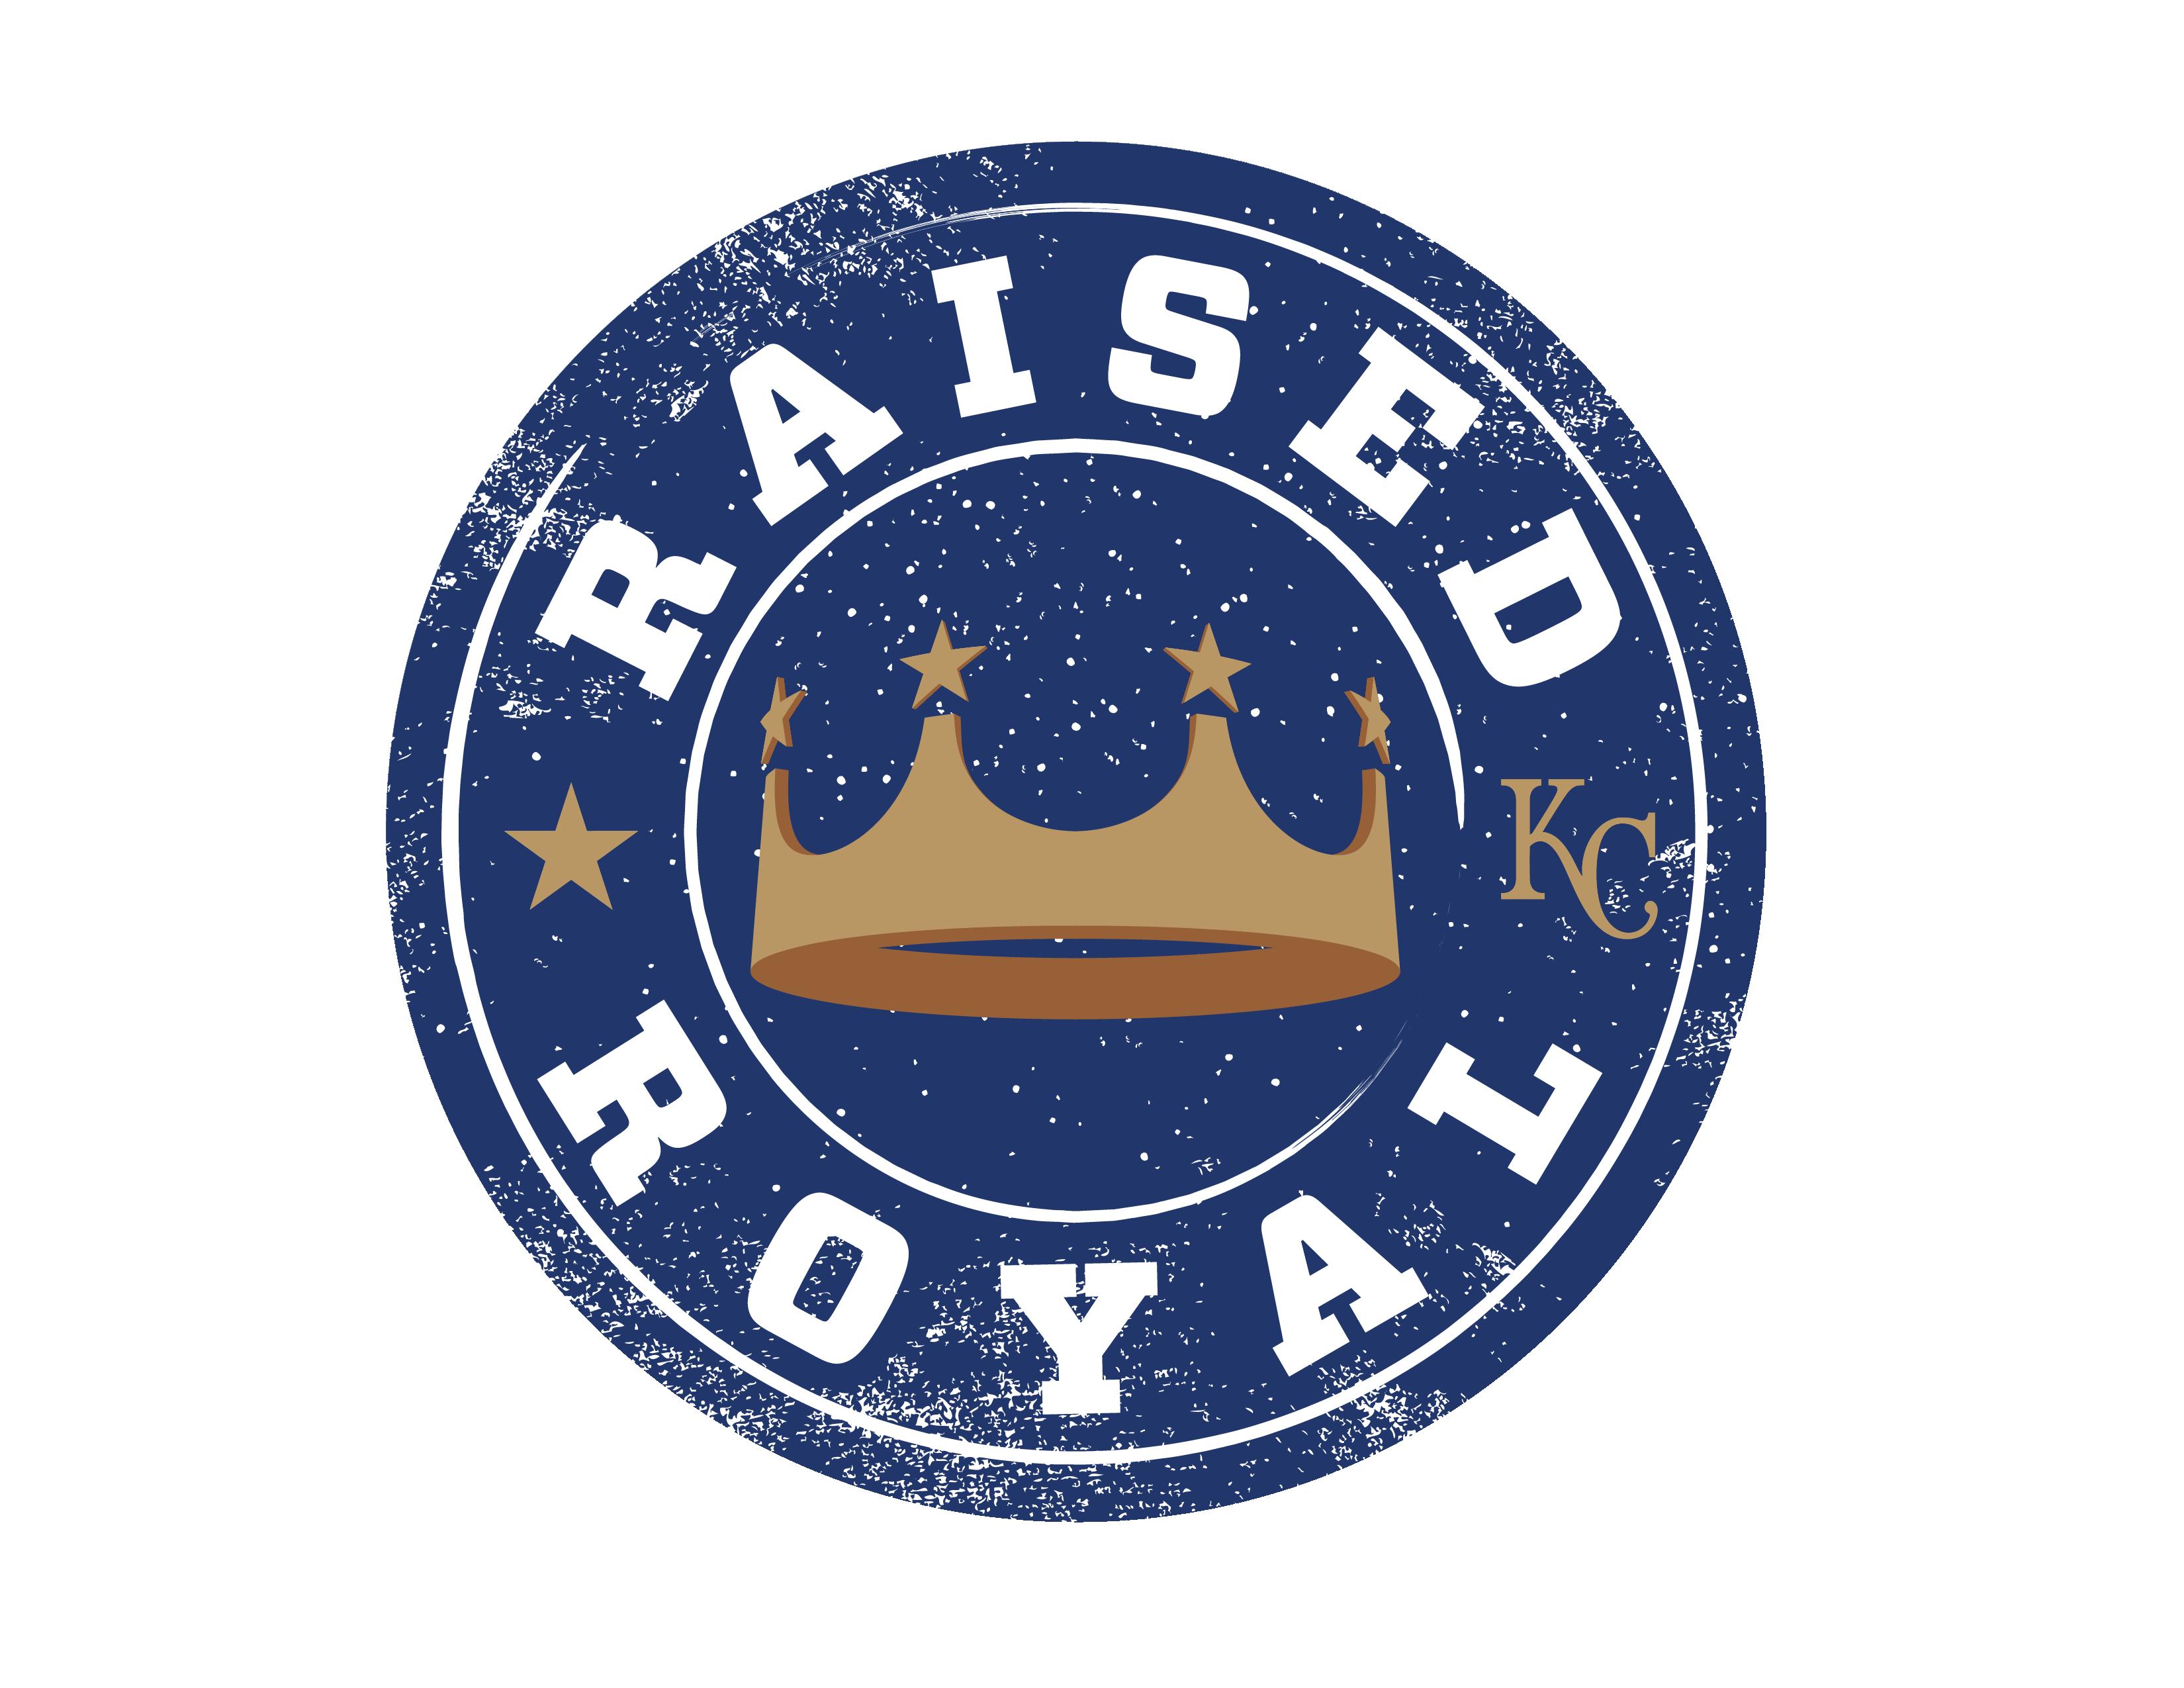 Royals Event